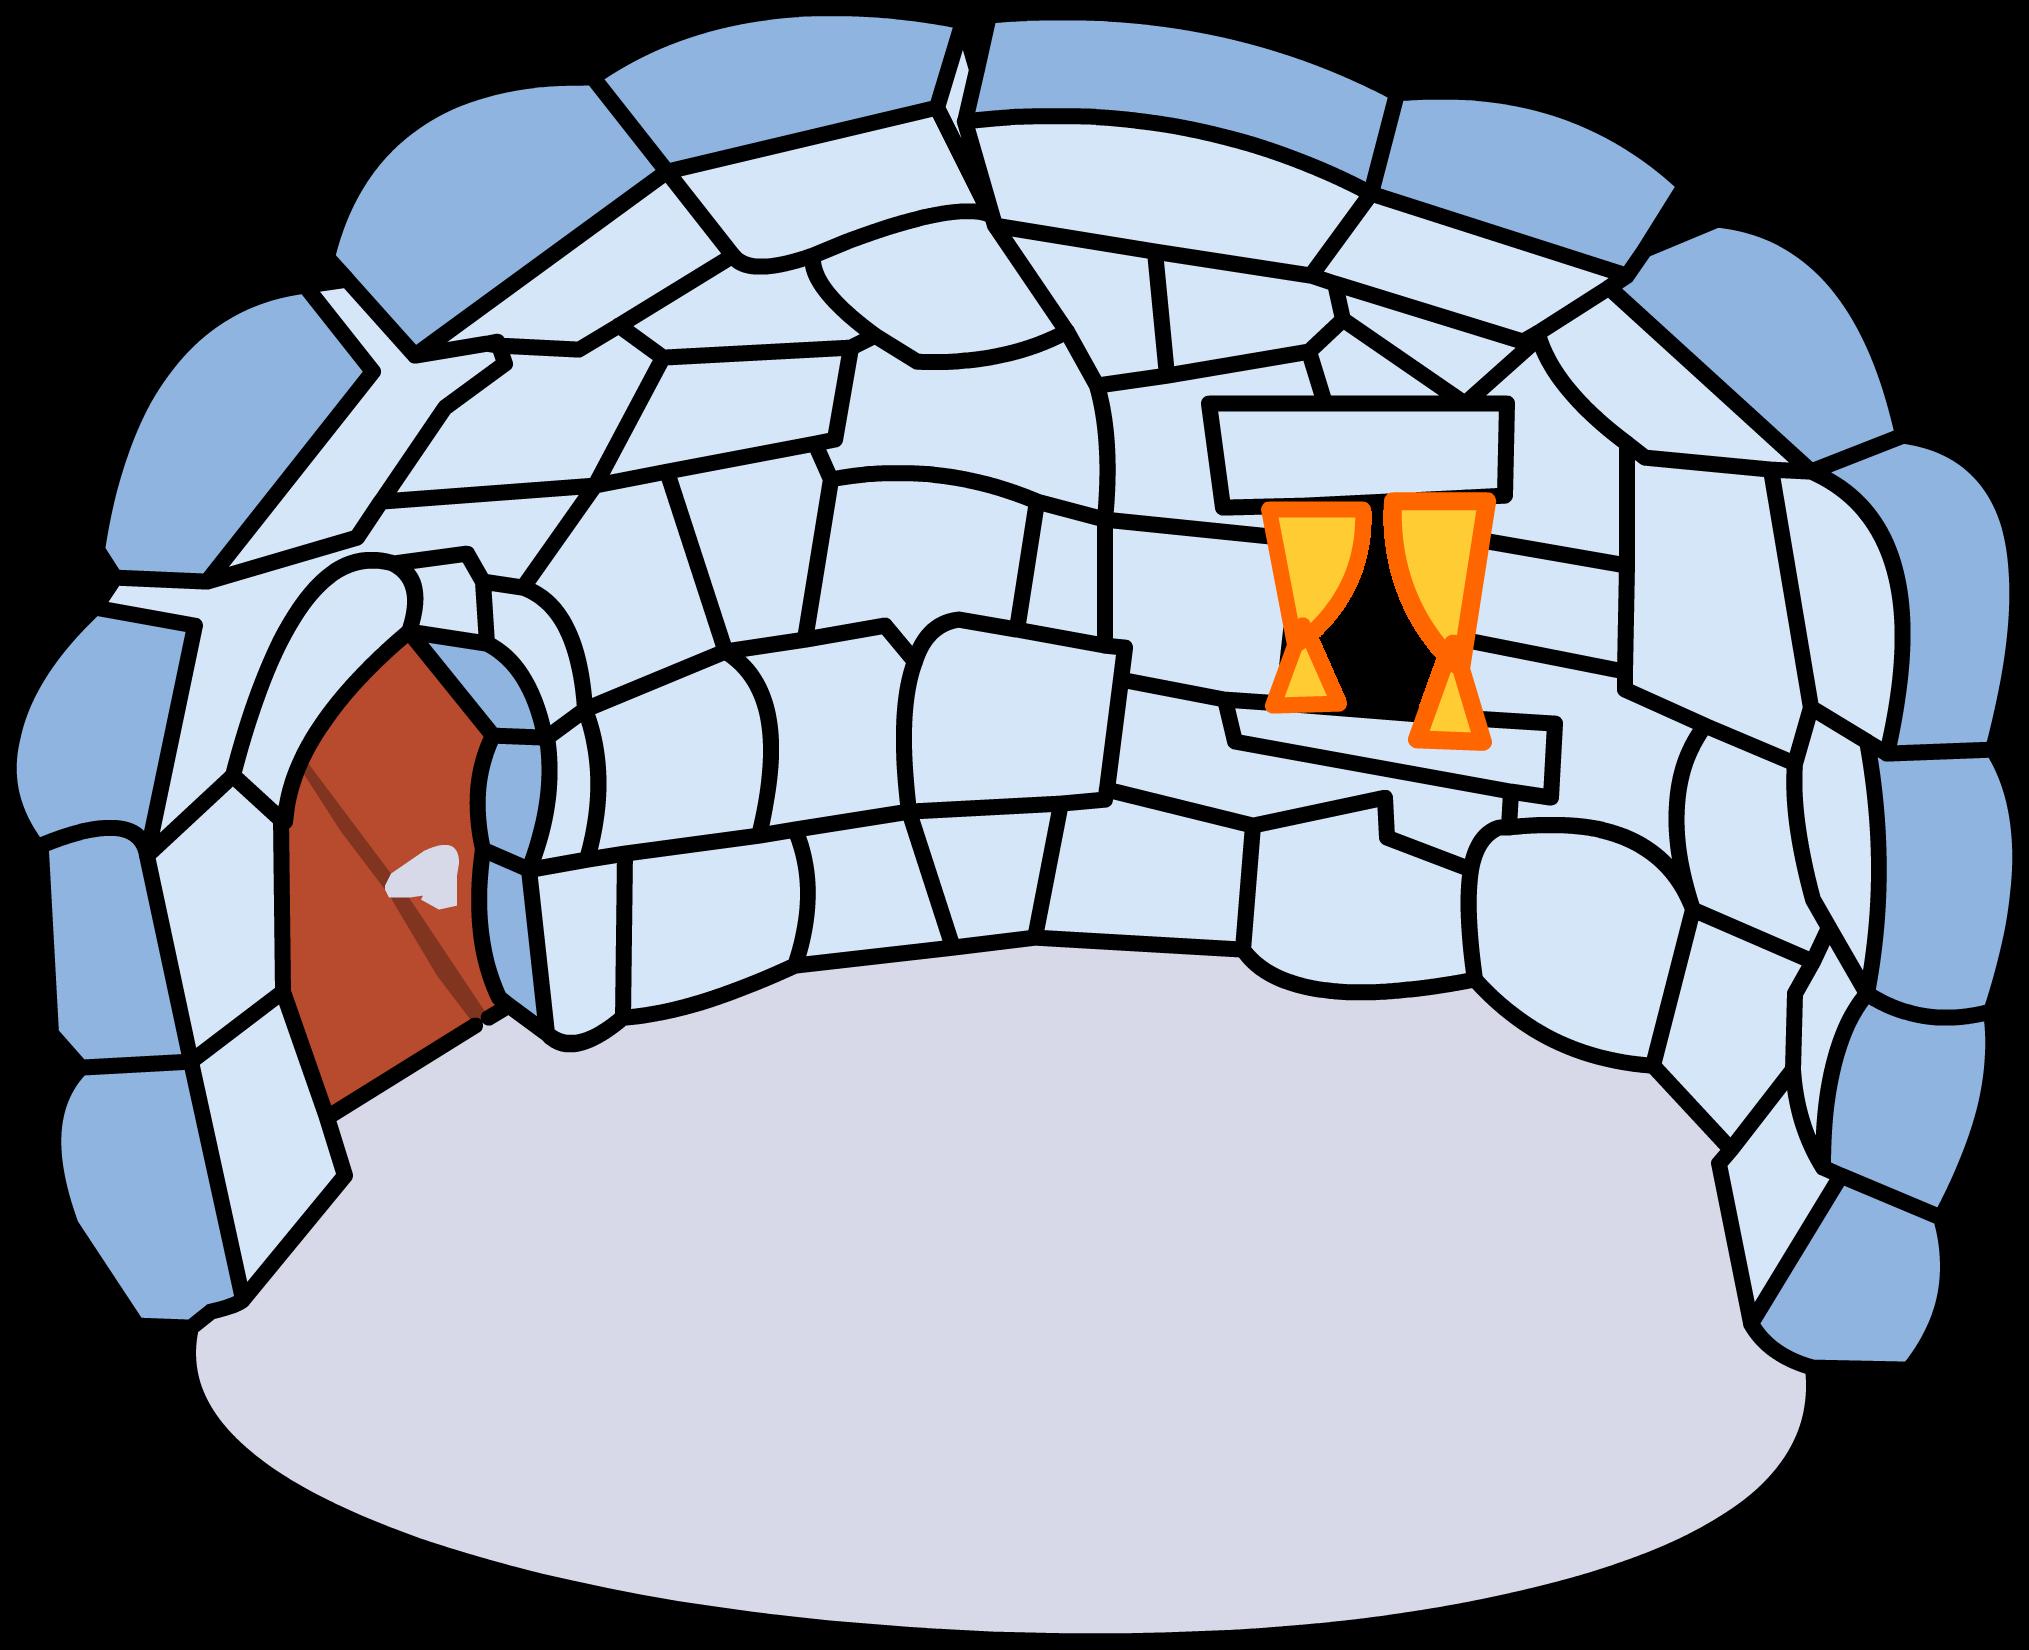 Basic Igloo | Club Penguin Wiki | FANDOM powered by Wikia